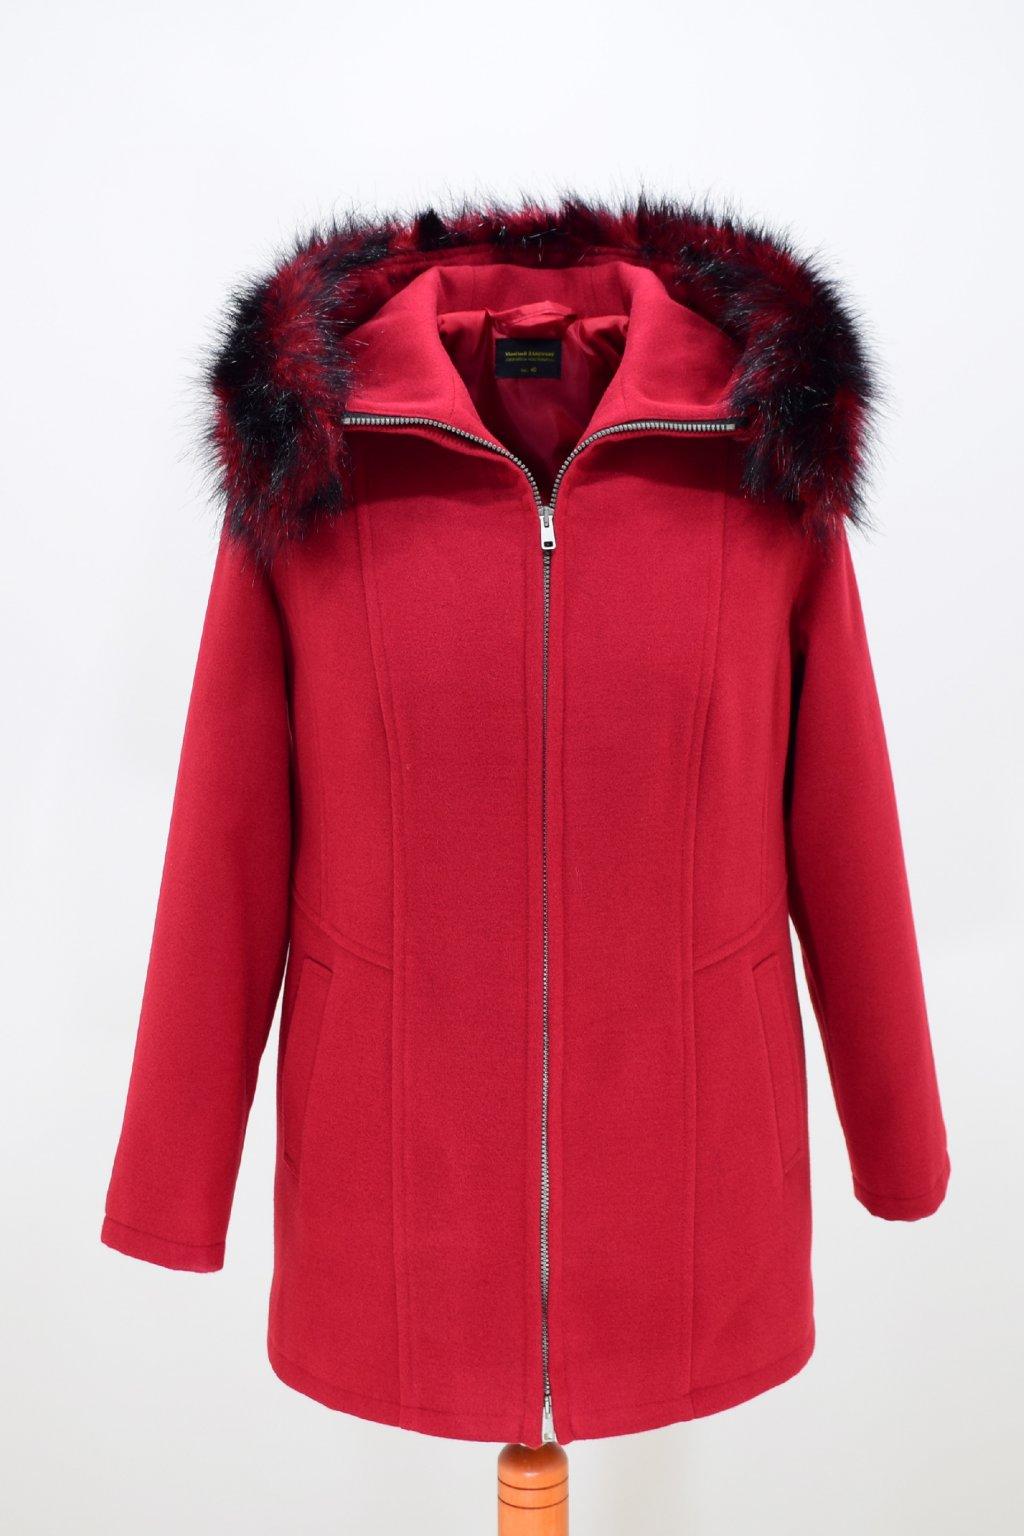 Dámský červený zimní kabátek Žaneta nadměrné velikosti.